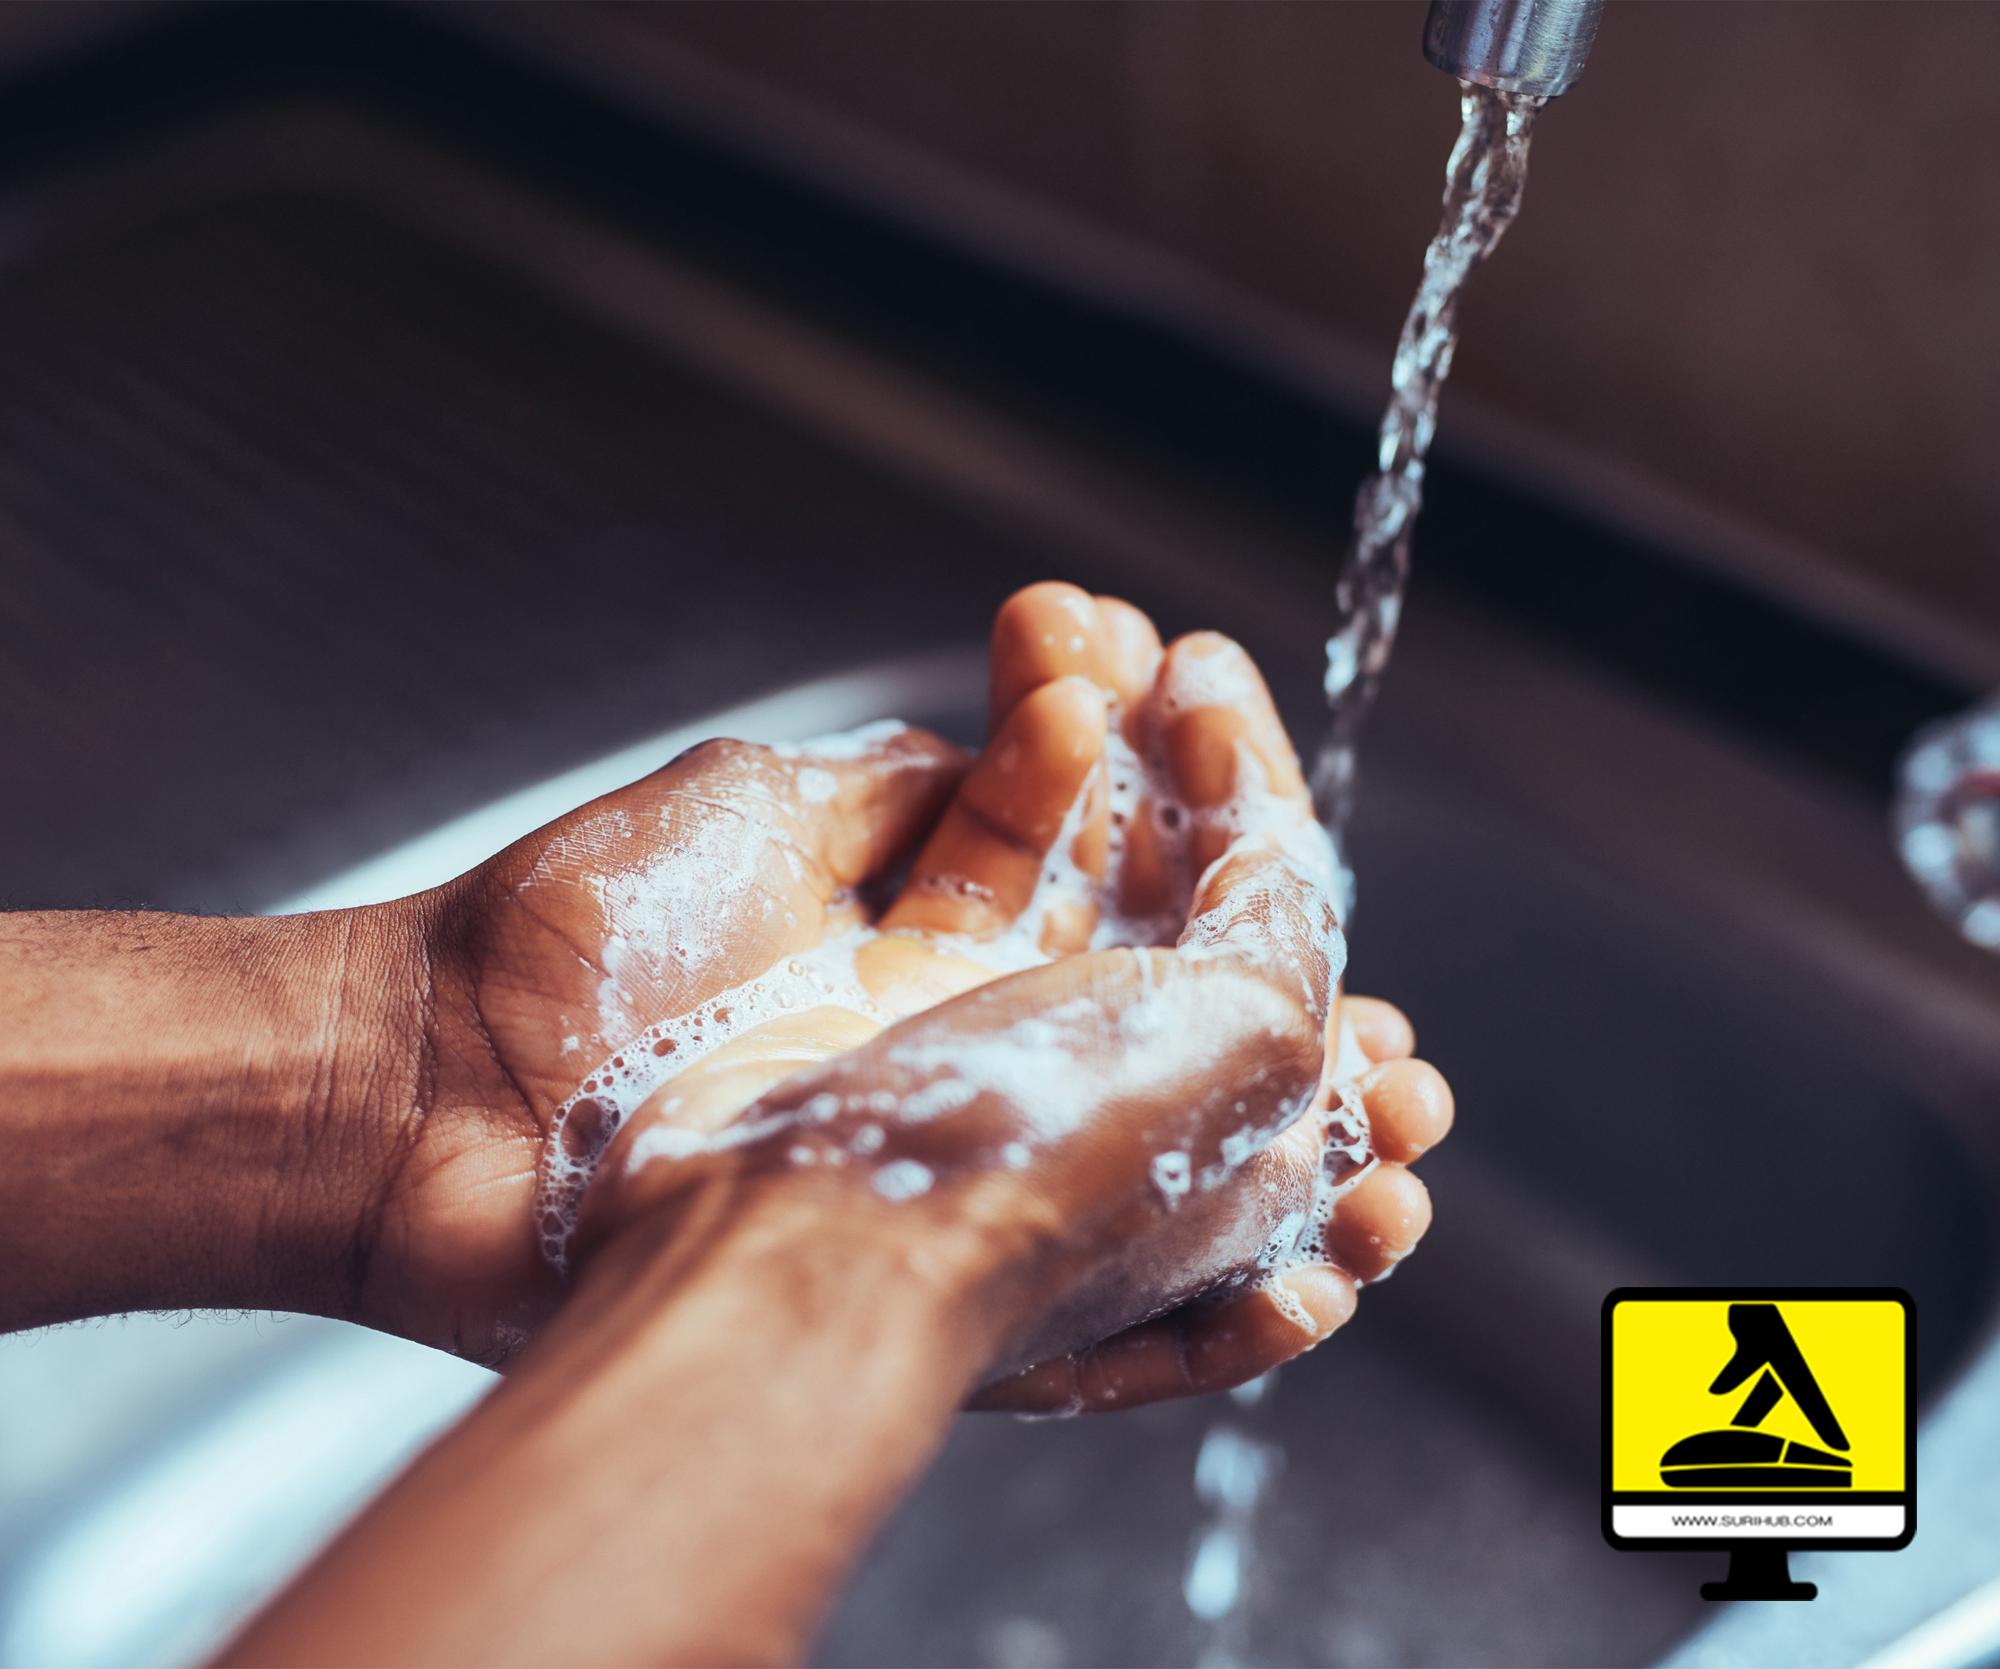 Handen Wassen preventie CoronaVirus